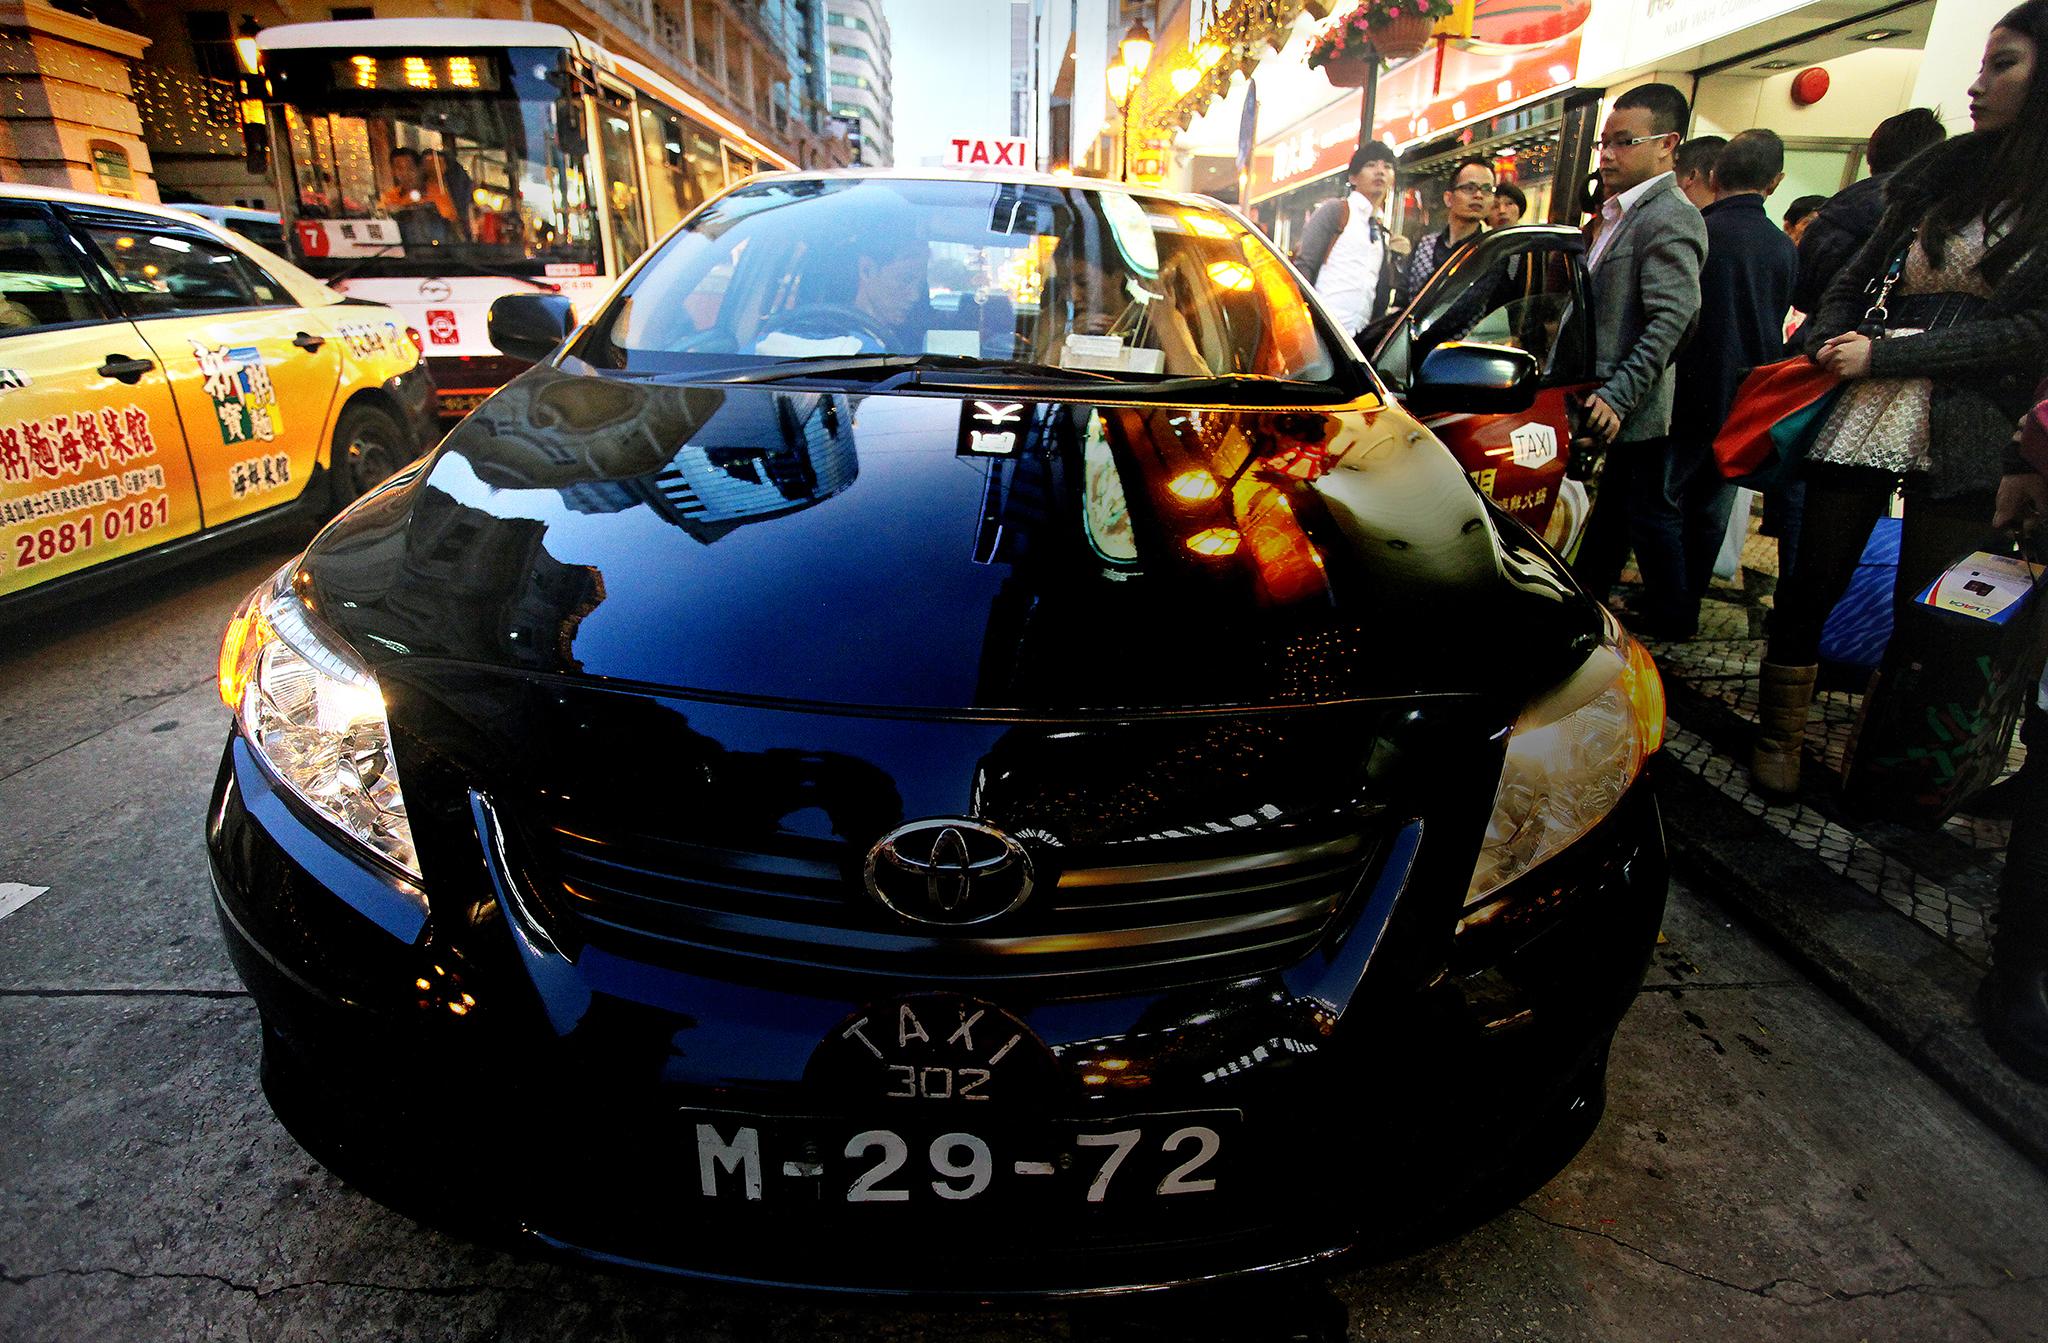 Transportes   Associações de táxis a favor de câmaras de vídeo nos carros